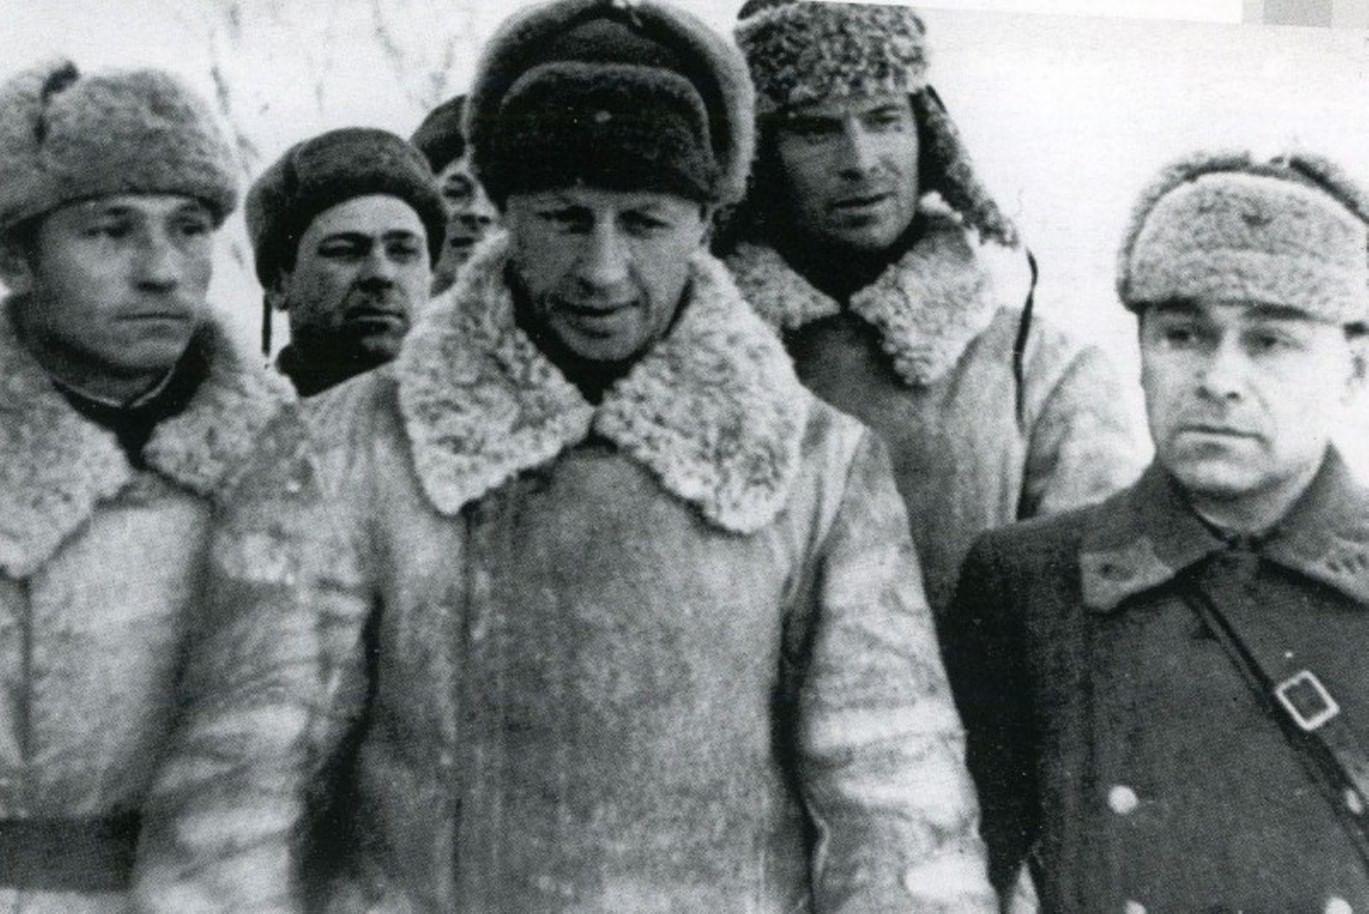 От «бессмертного» сержанта до Патриарха всея Руси: 5 участников Курской битвы. Галерея 2